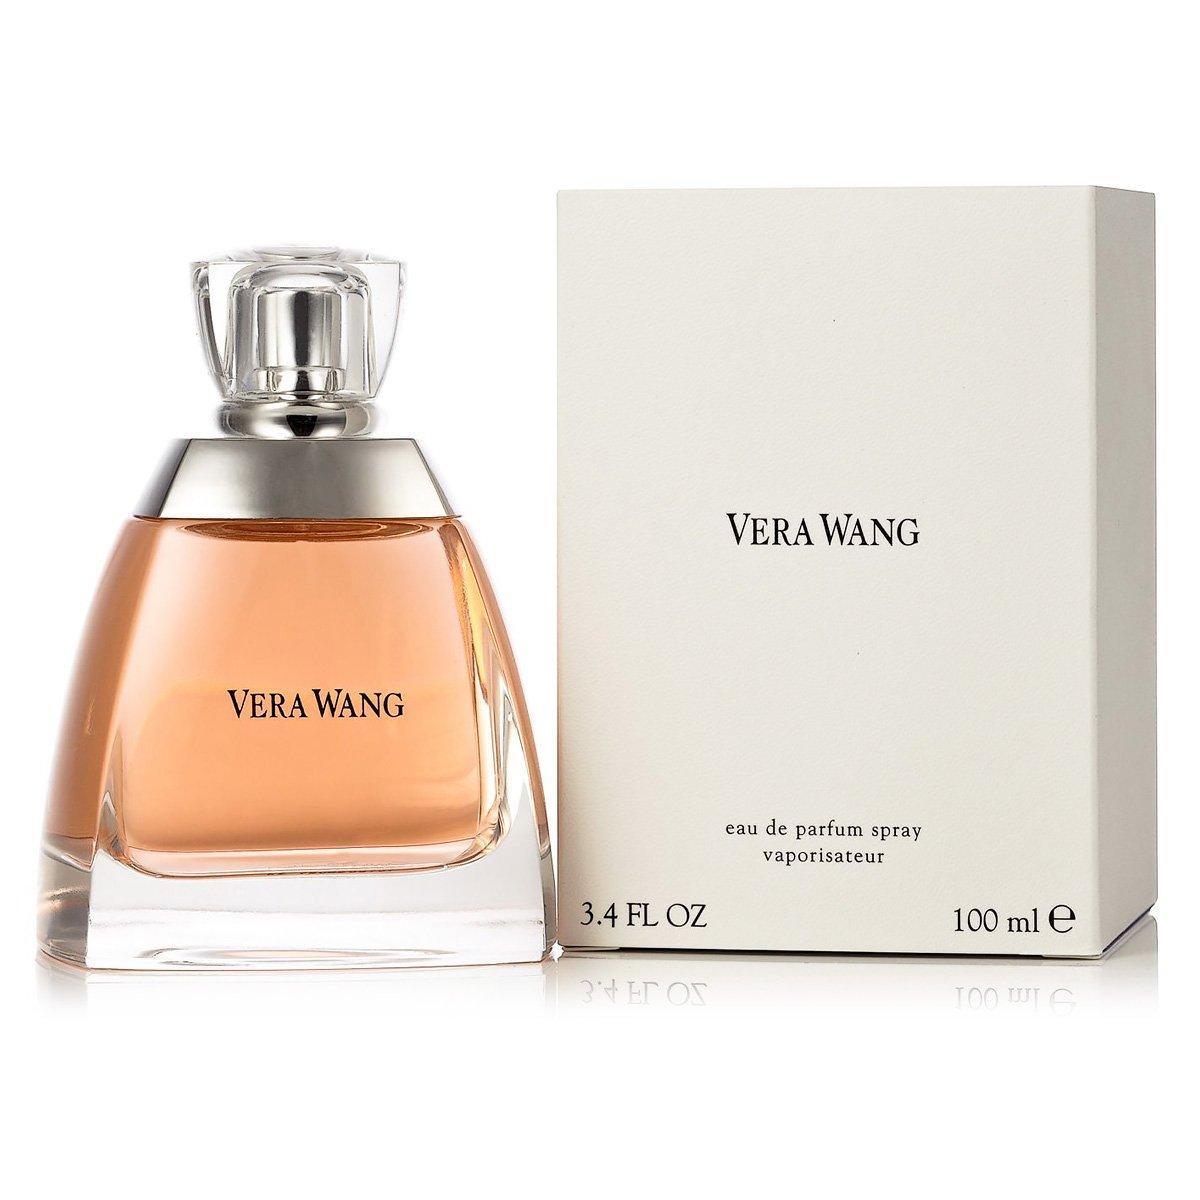 Vera Wang (L) 100ml edp